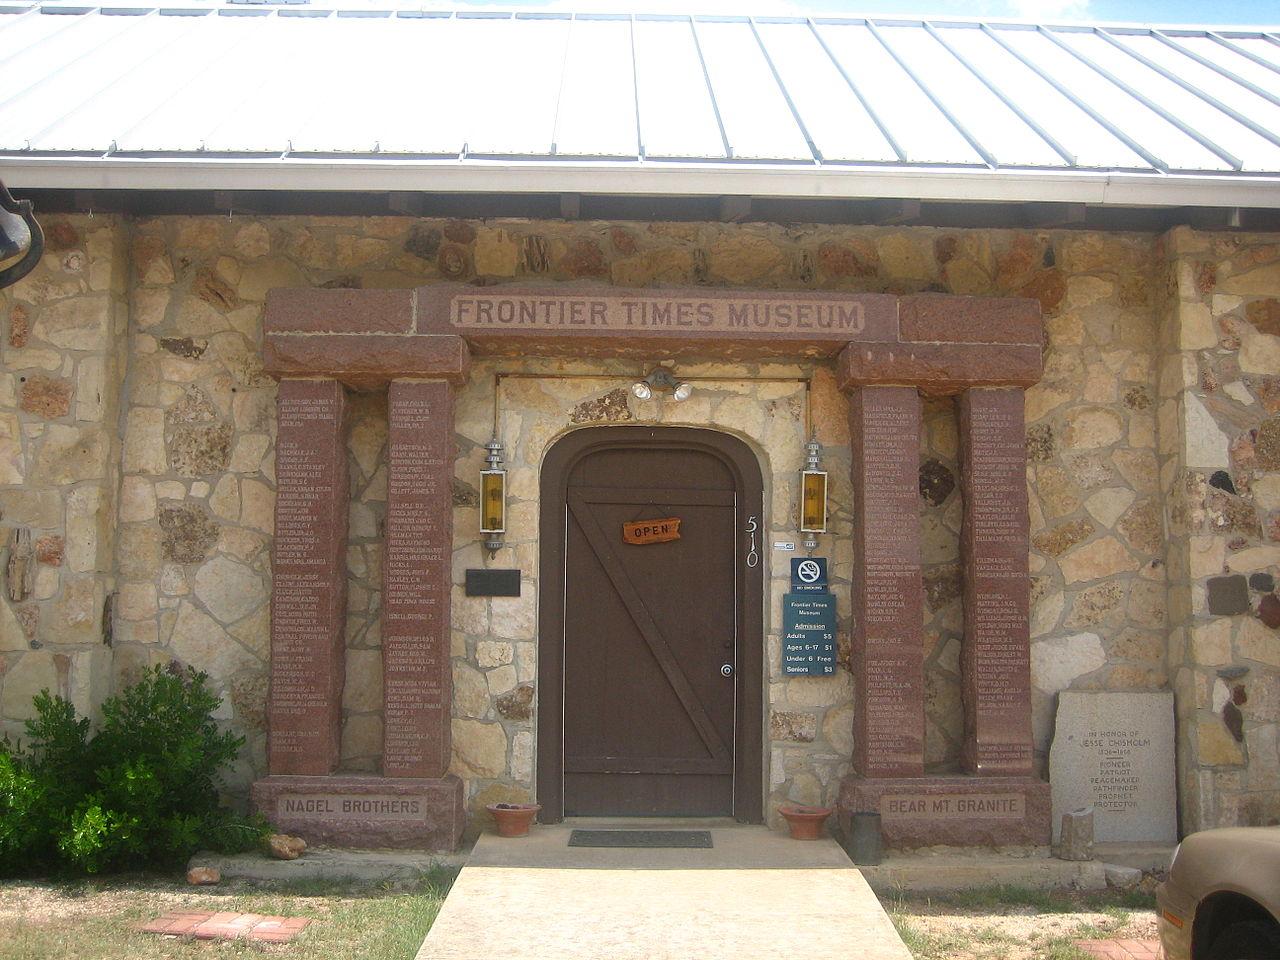 Popular Road Trip Destinations in San Antonio-Bandera, Frontier Times Museum